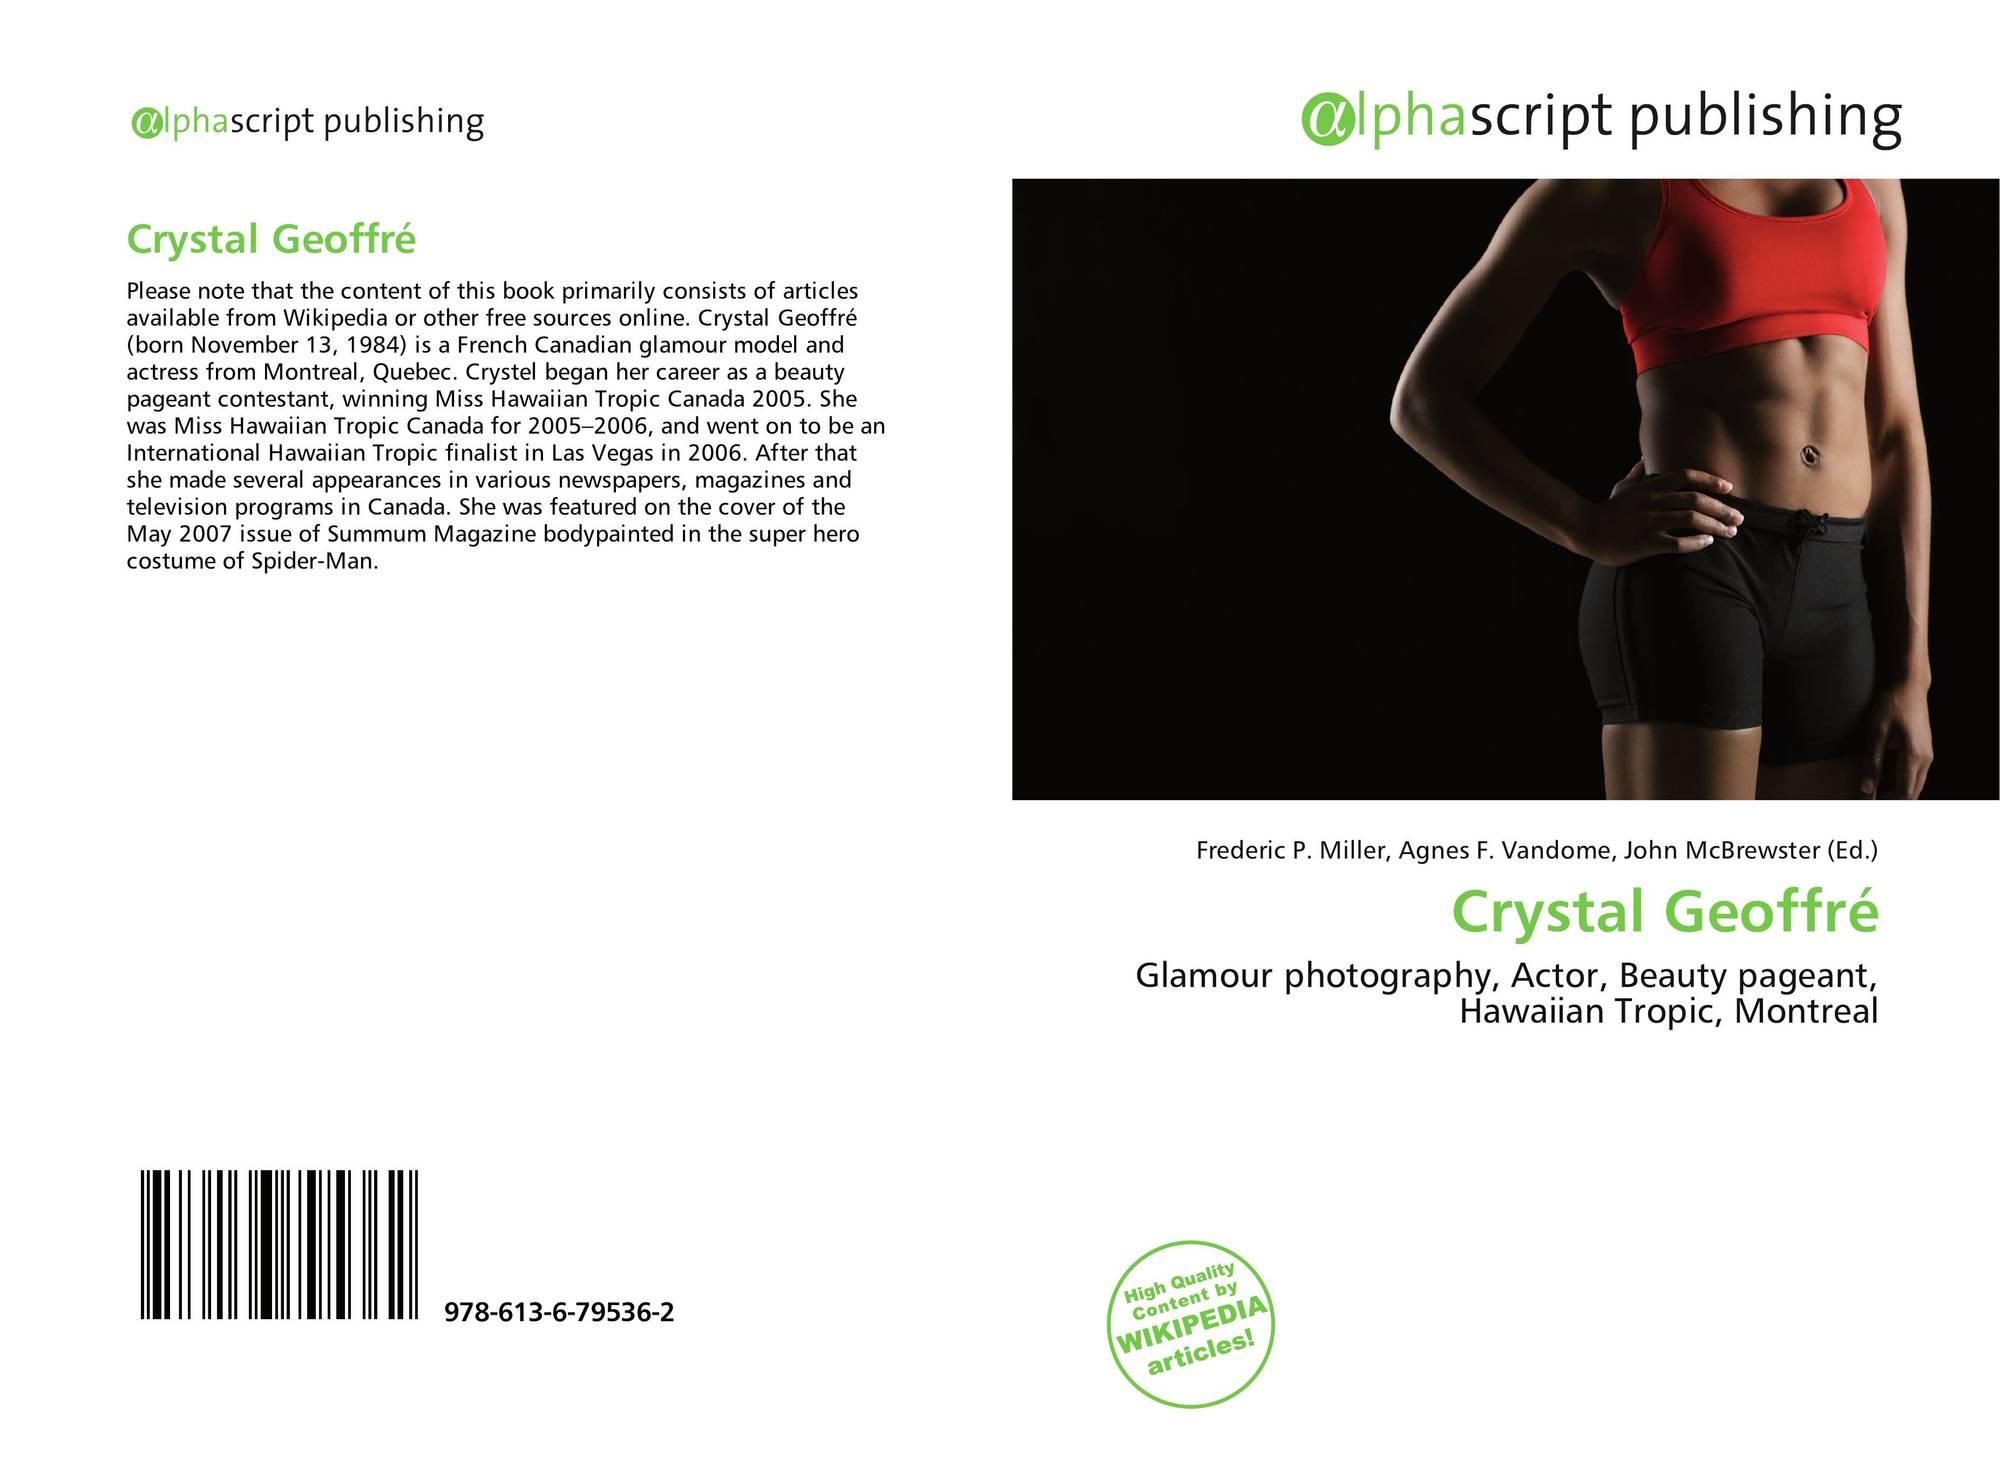 Crystal Geoffre Canada